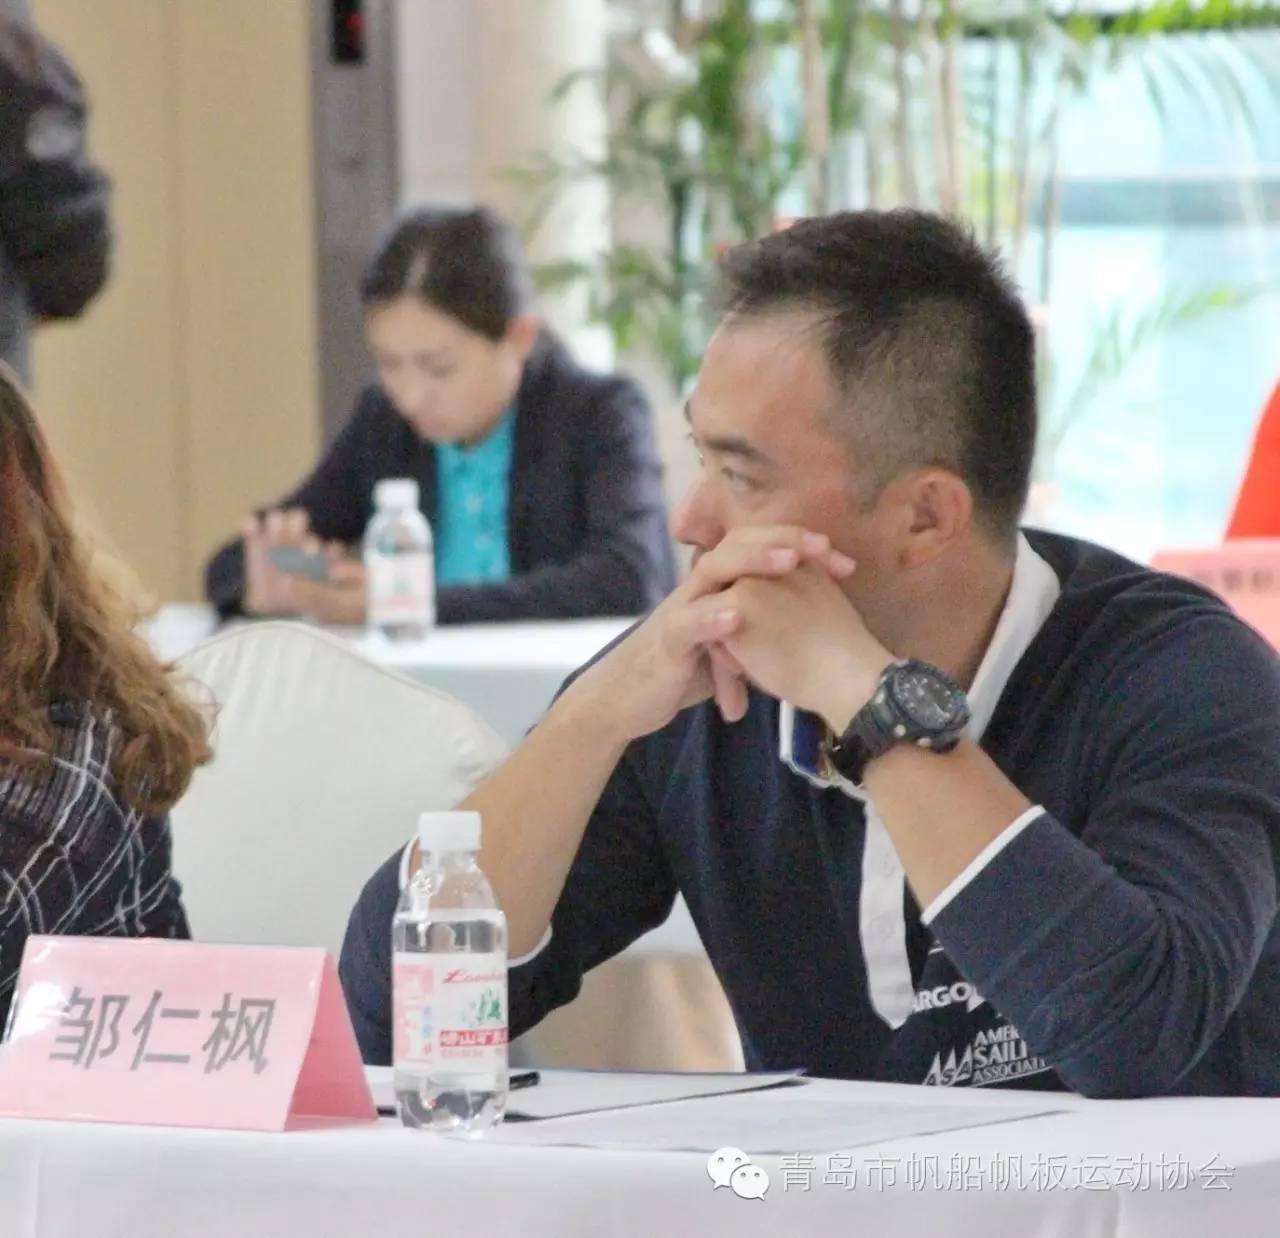 青岛市,俱乐部,大世界,帆板,中国女子 2016年青岛市帆船俱乐部发展战略研讨暨资源分享会 981338fe2f34844ea7a628d6d2e787dd.jpg